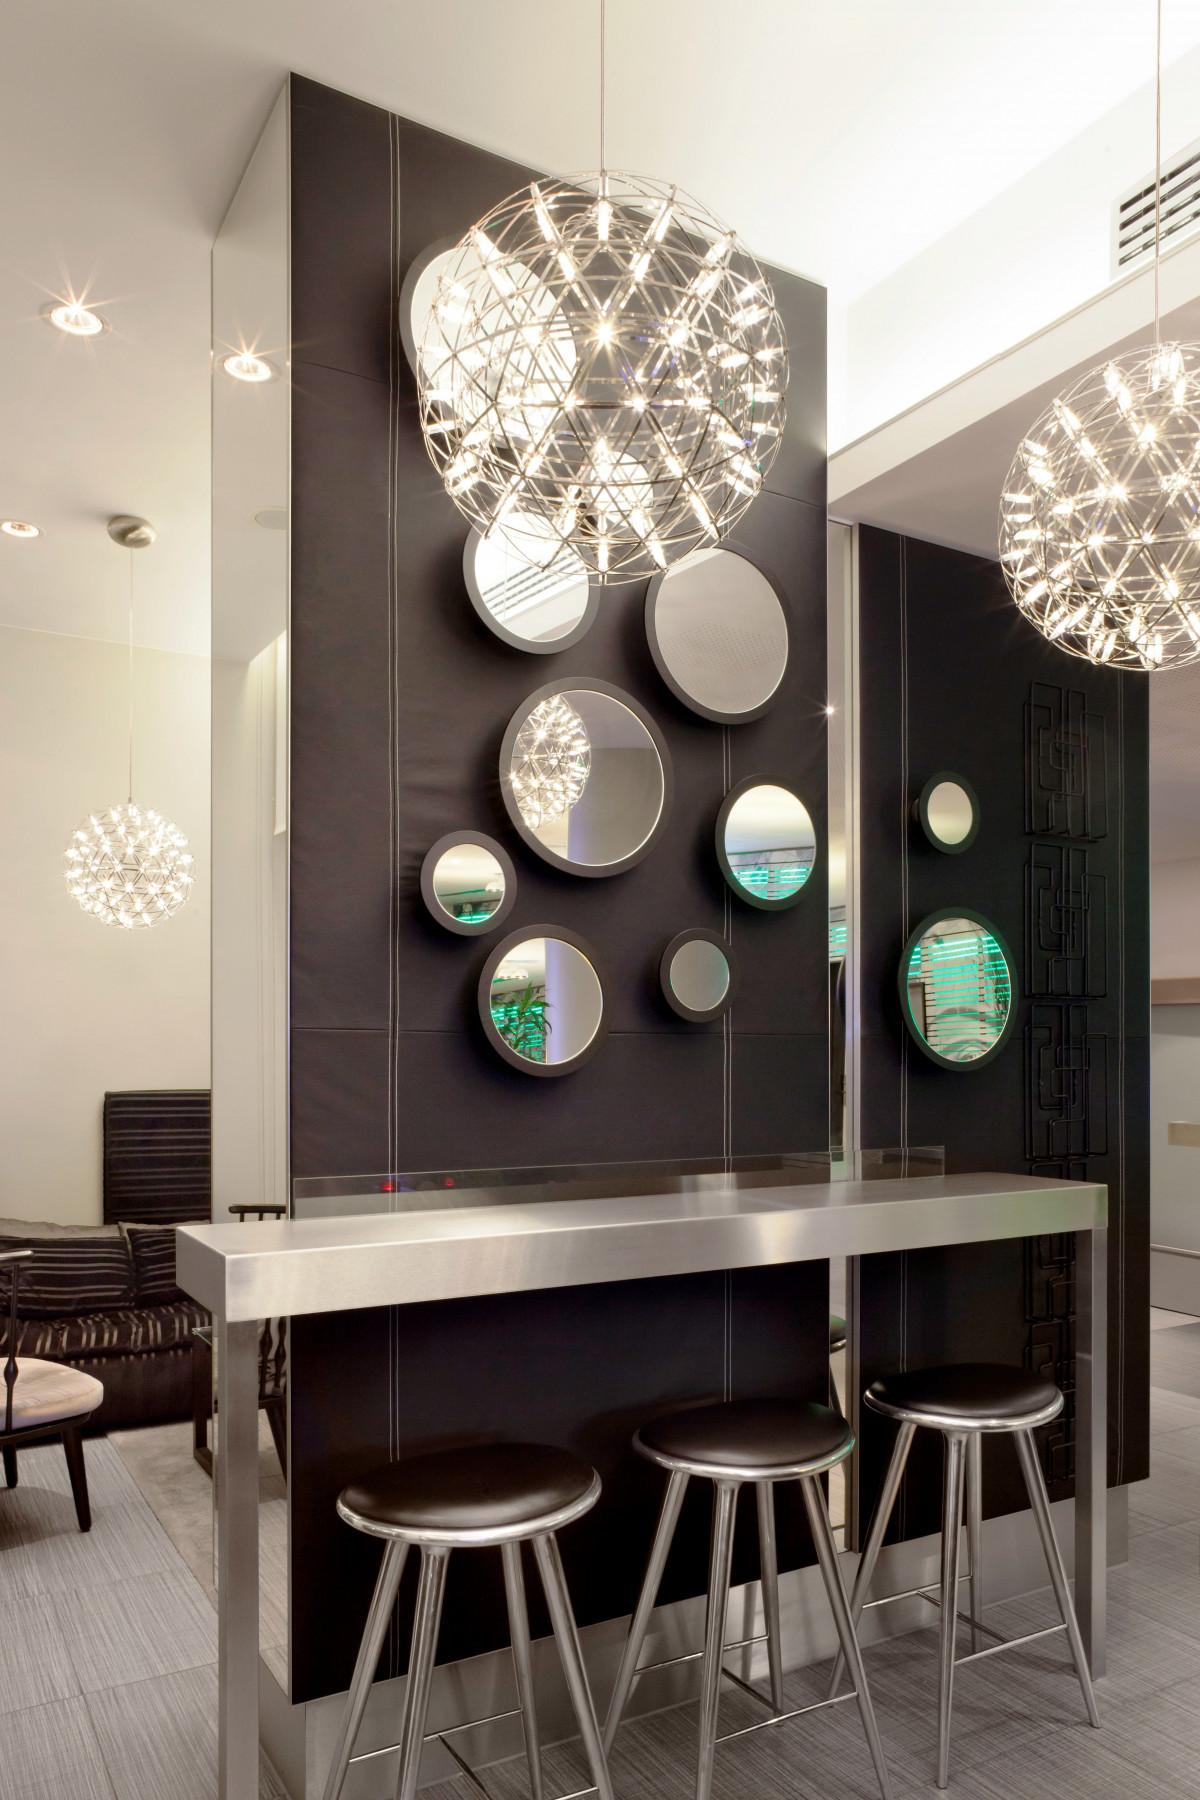 무료 이미지 : 구조, 방, 인테리어 디자인, 자본, 호텔, 베를린 ...